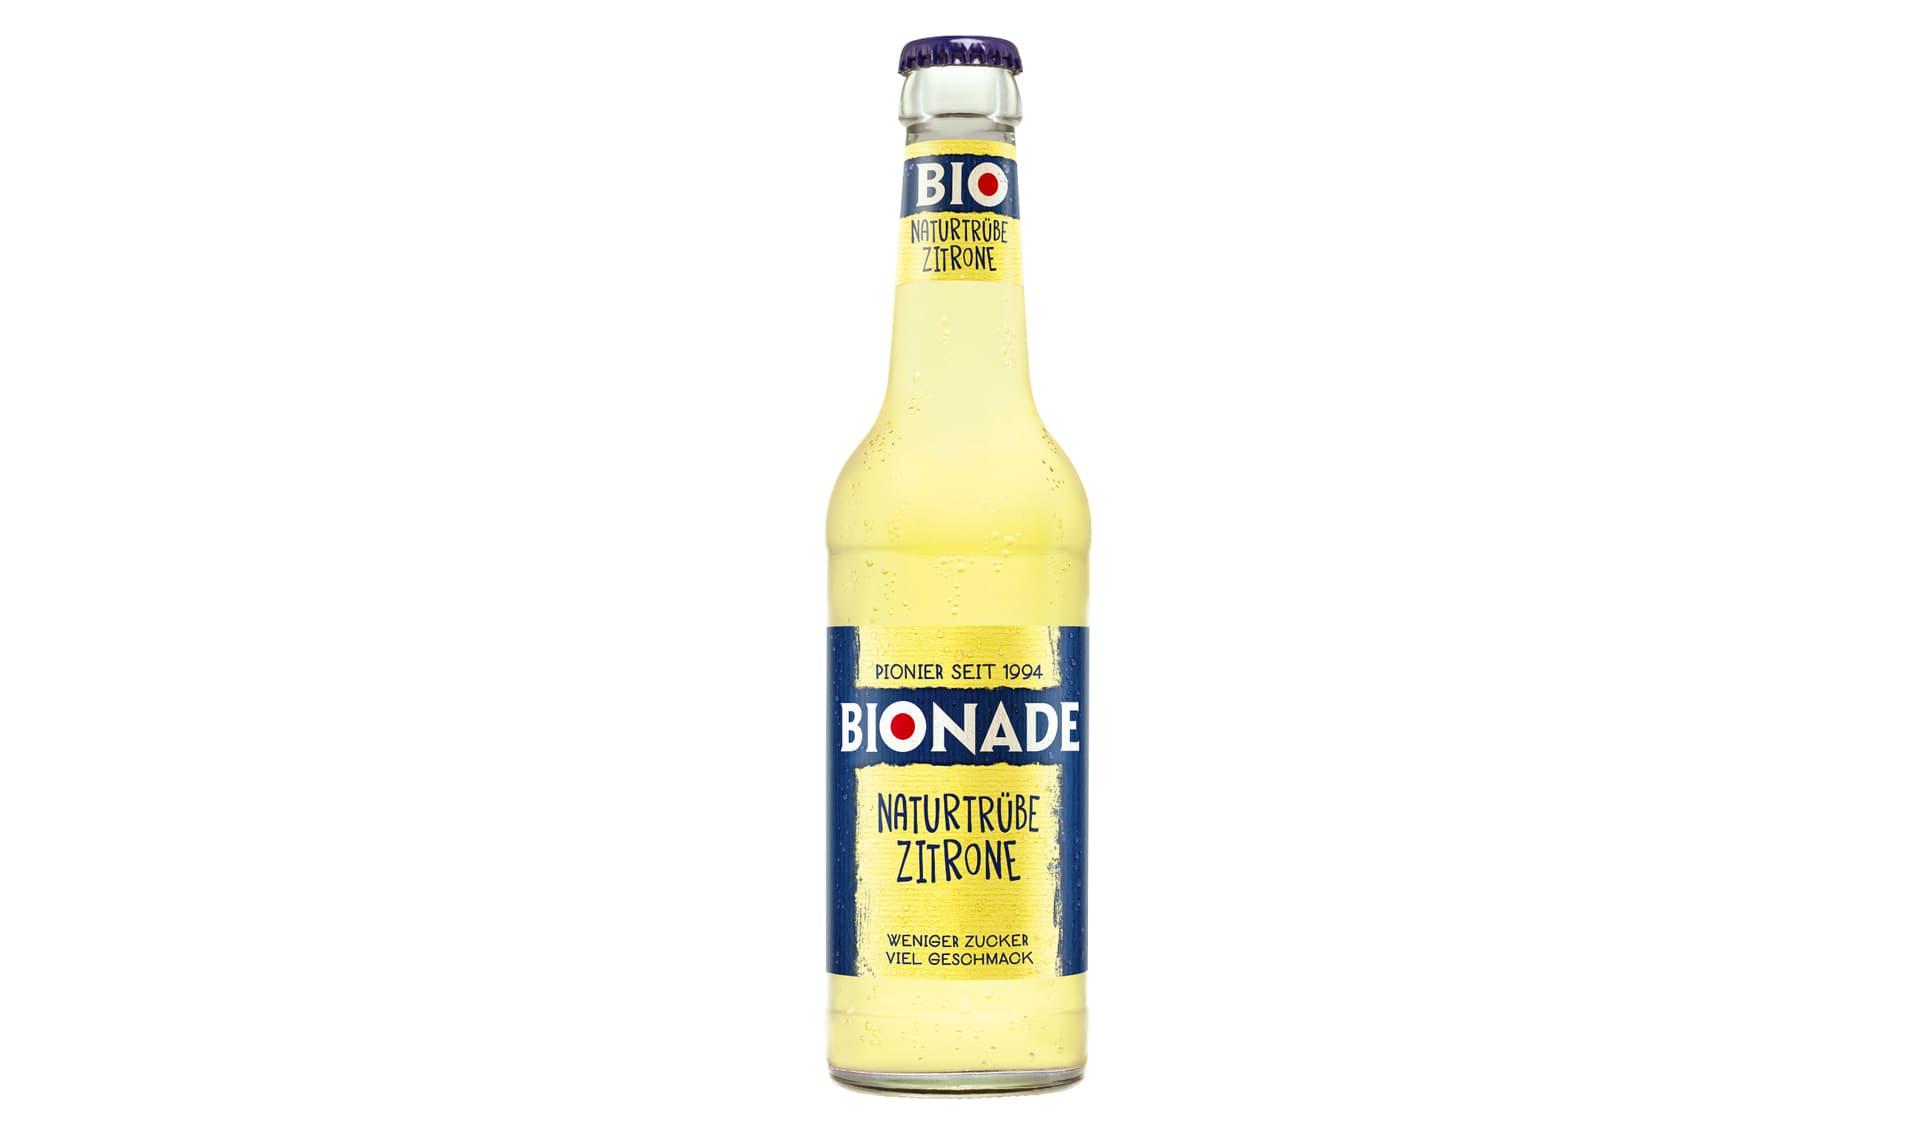 Bionade Naturtrübe Zitrone (www.bionade.de)